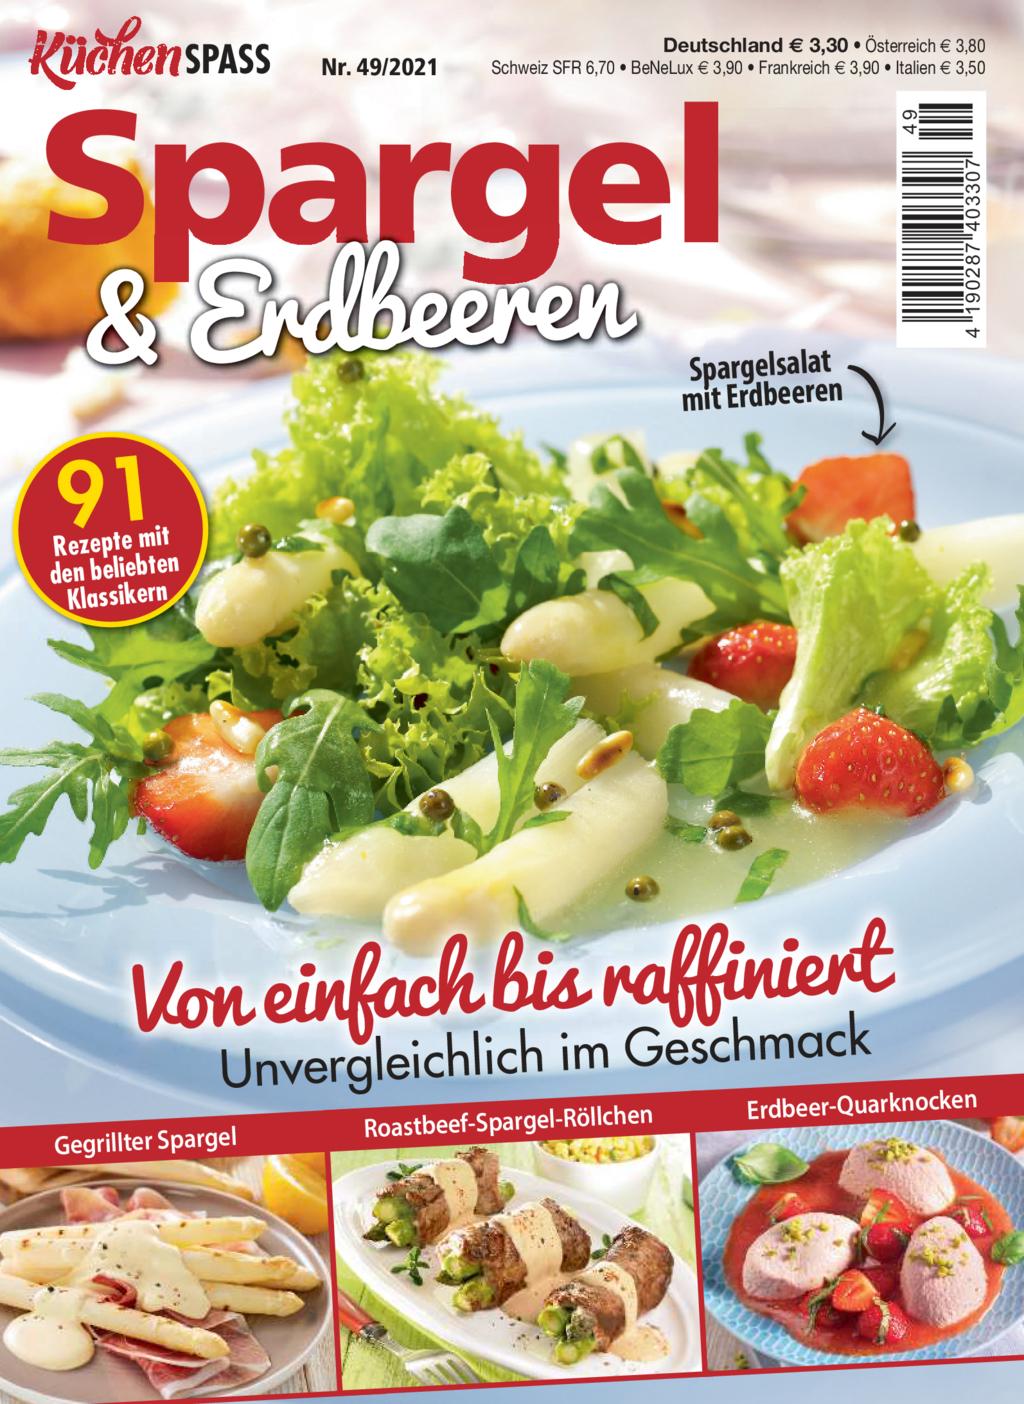 KüchenSPASS 49/2021 - Von einfach bis raffiniert